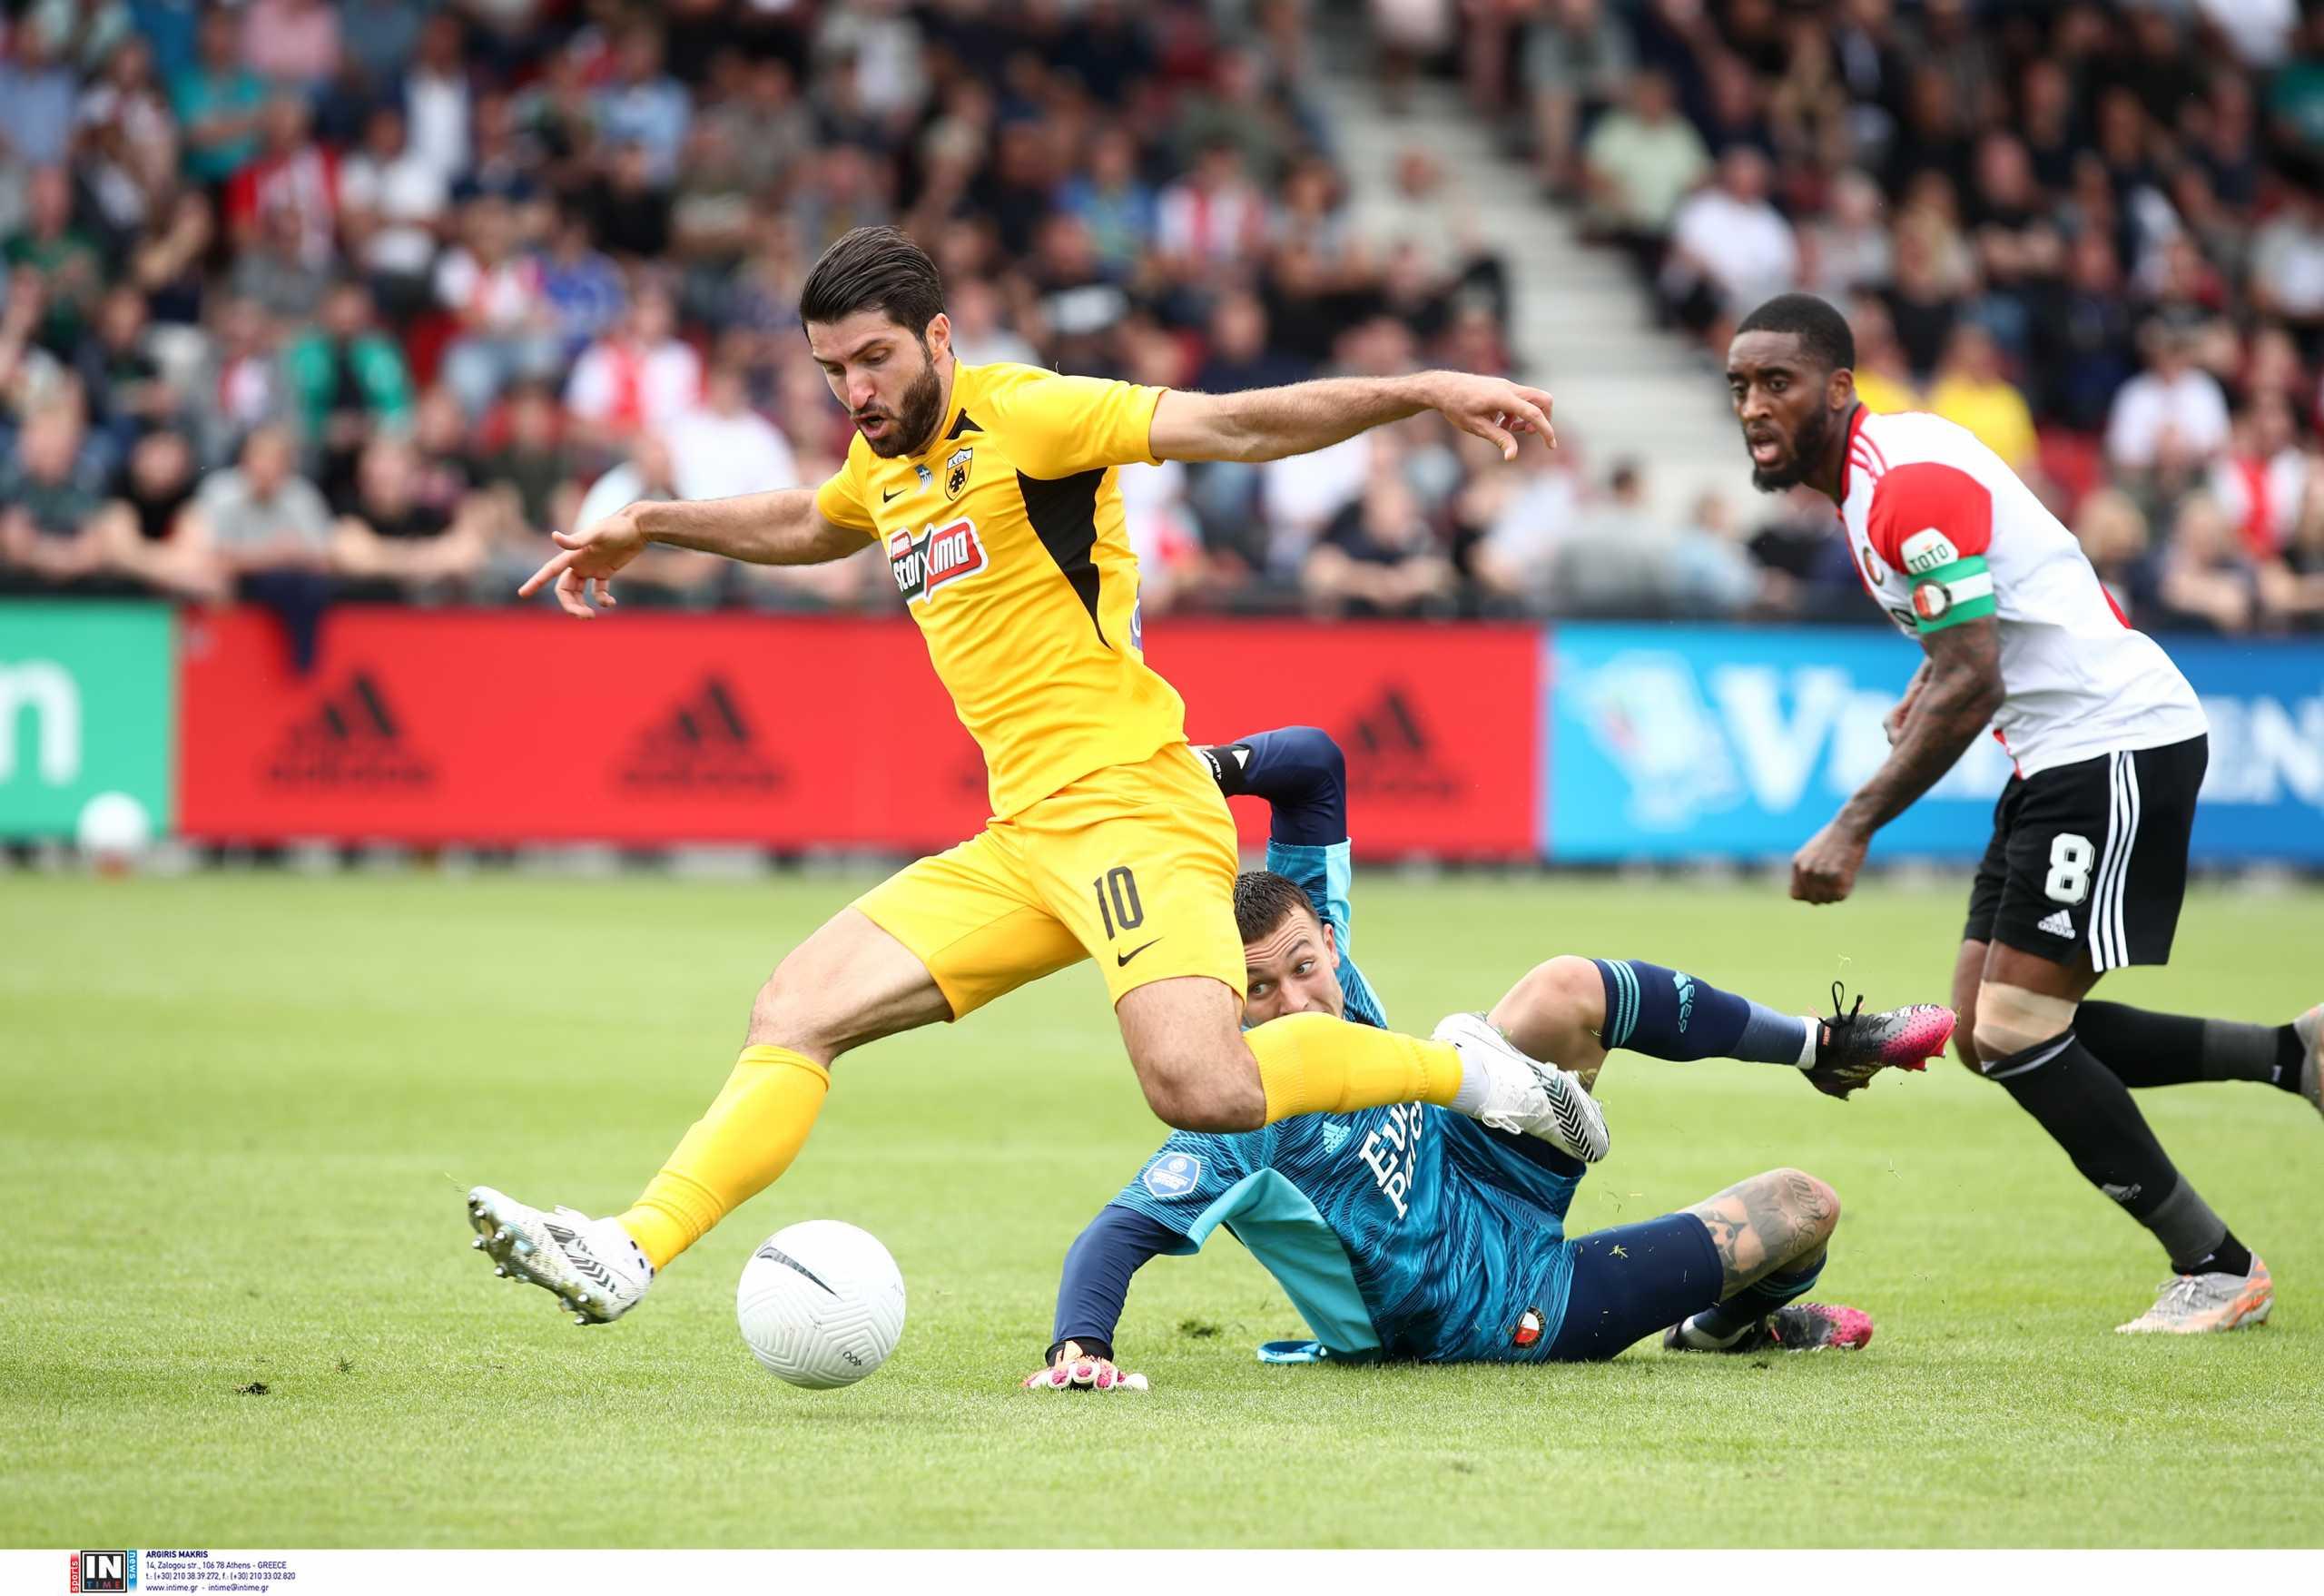 Φέγενορντ – ΑΕΚ 3-1: Προβλημάτισε στην άμυνα η Ένωση